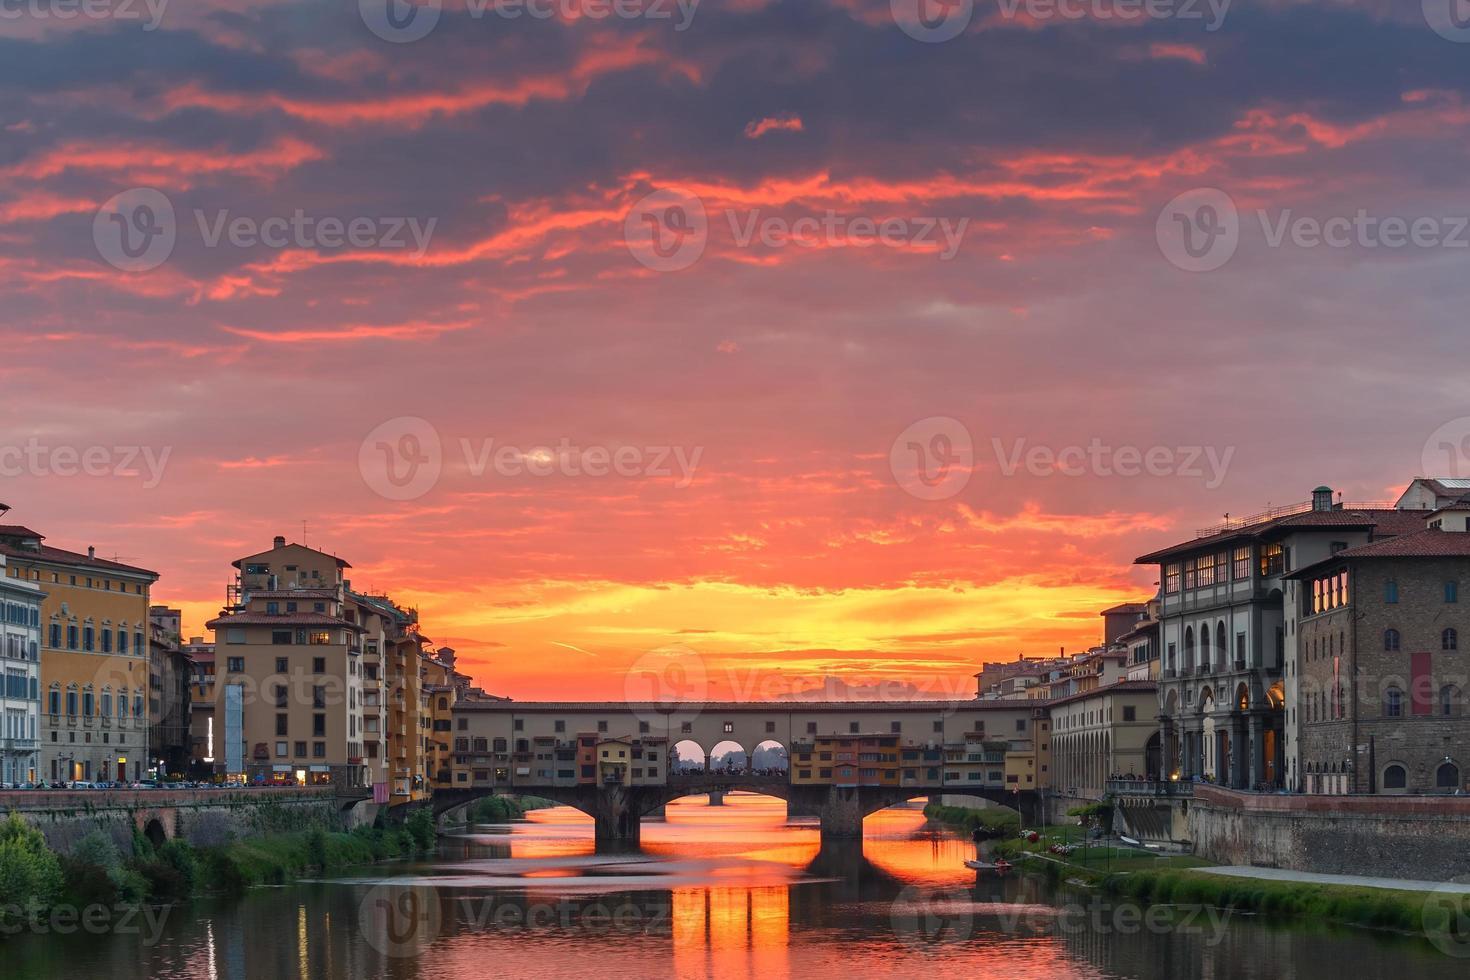 arno och ponte vecchio vid solnedgången, Florens, Italien foto